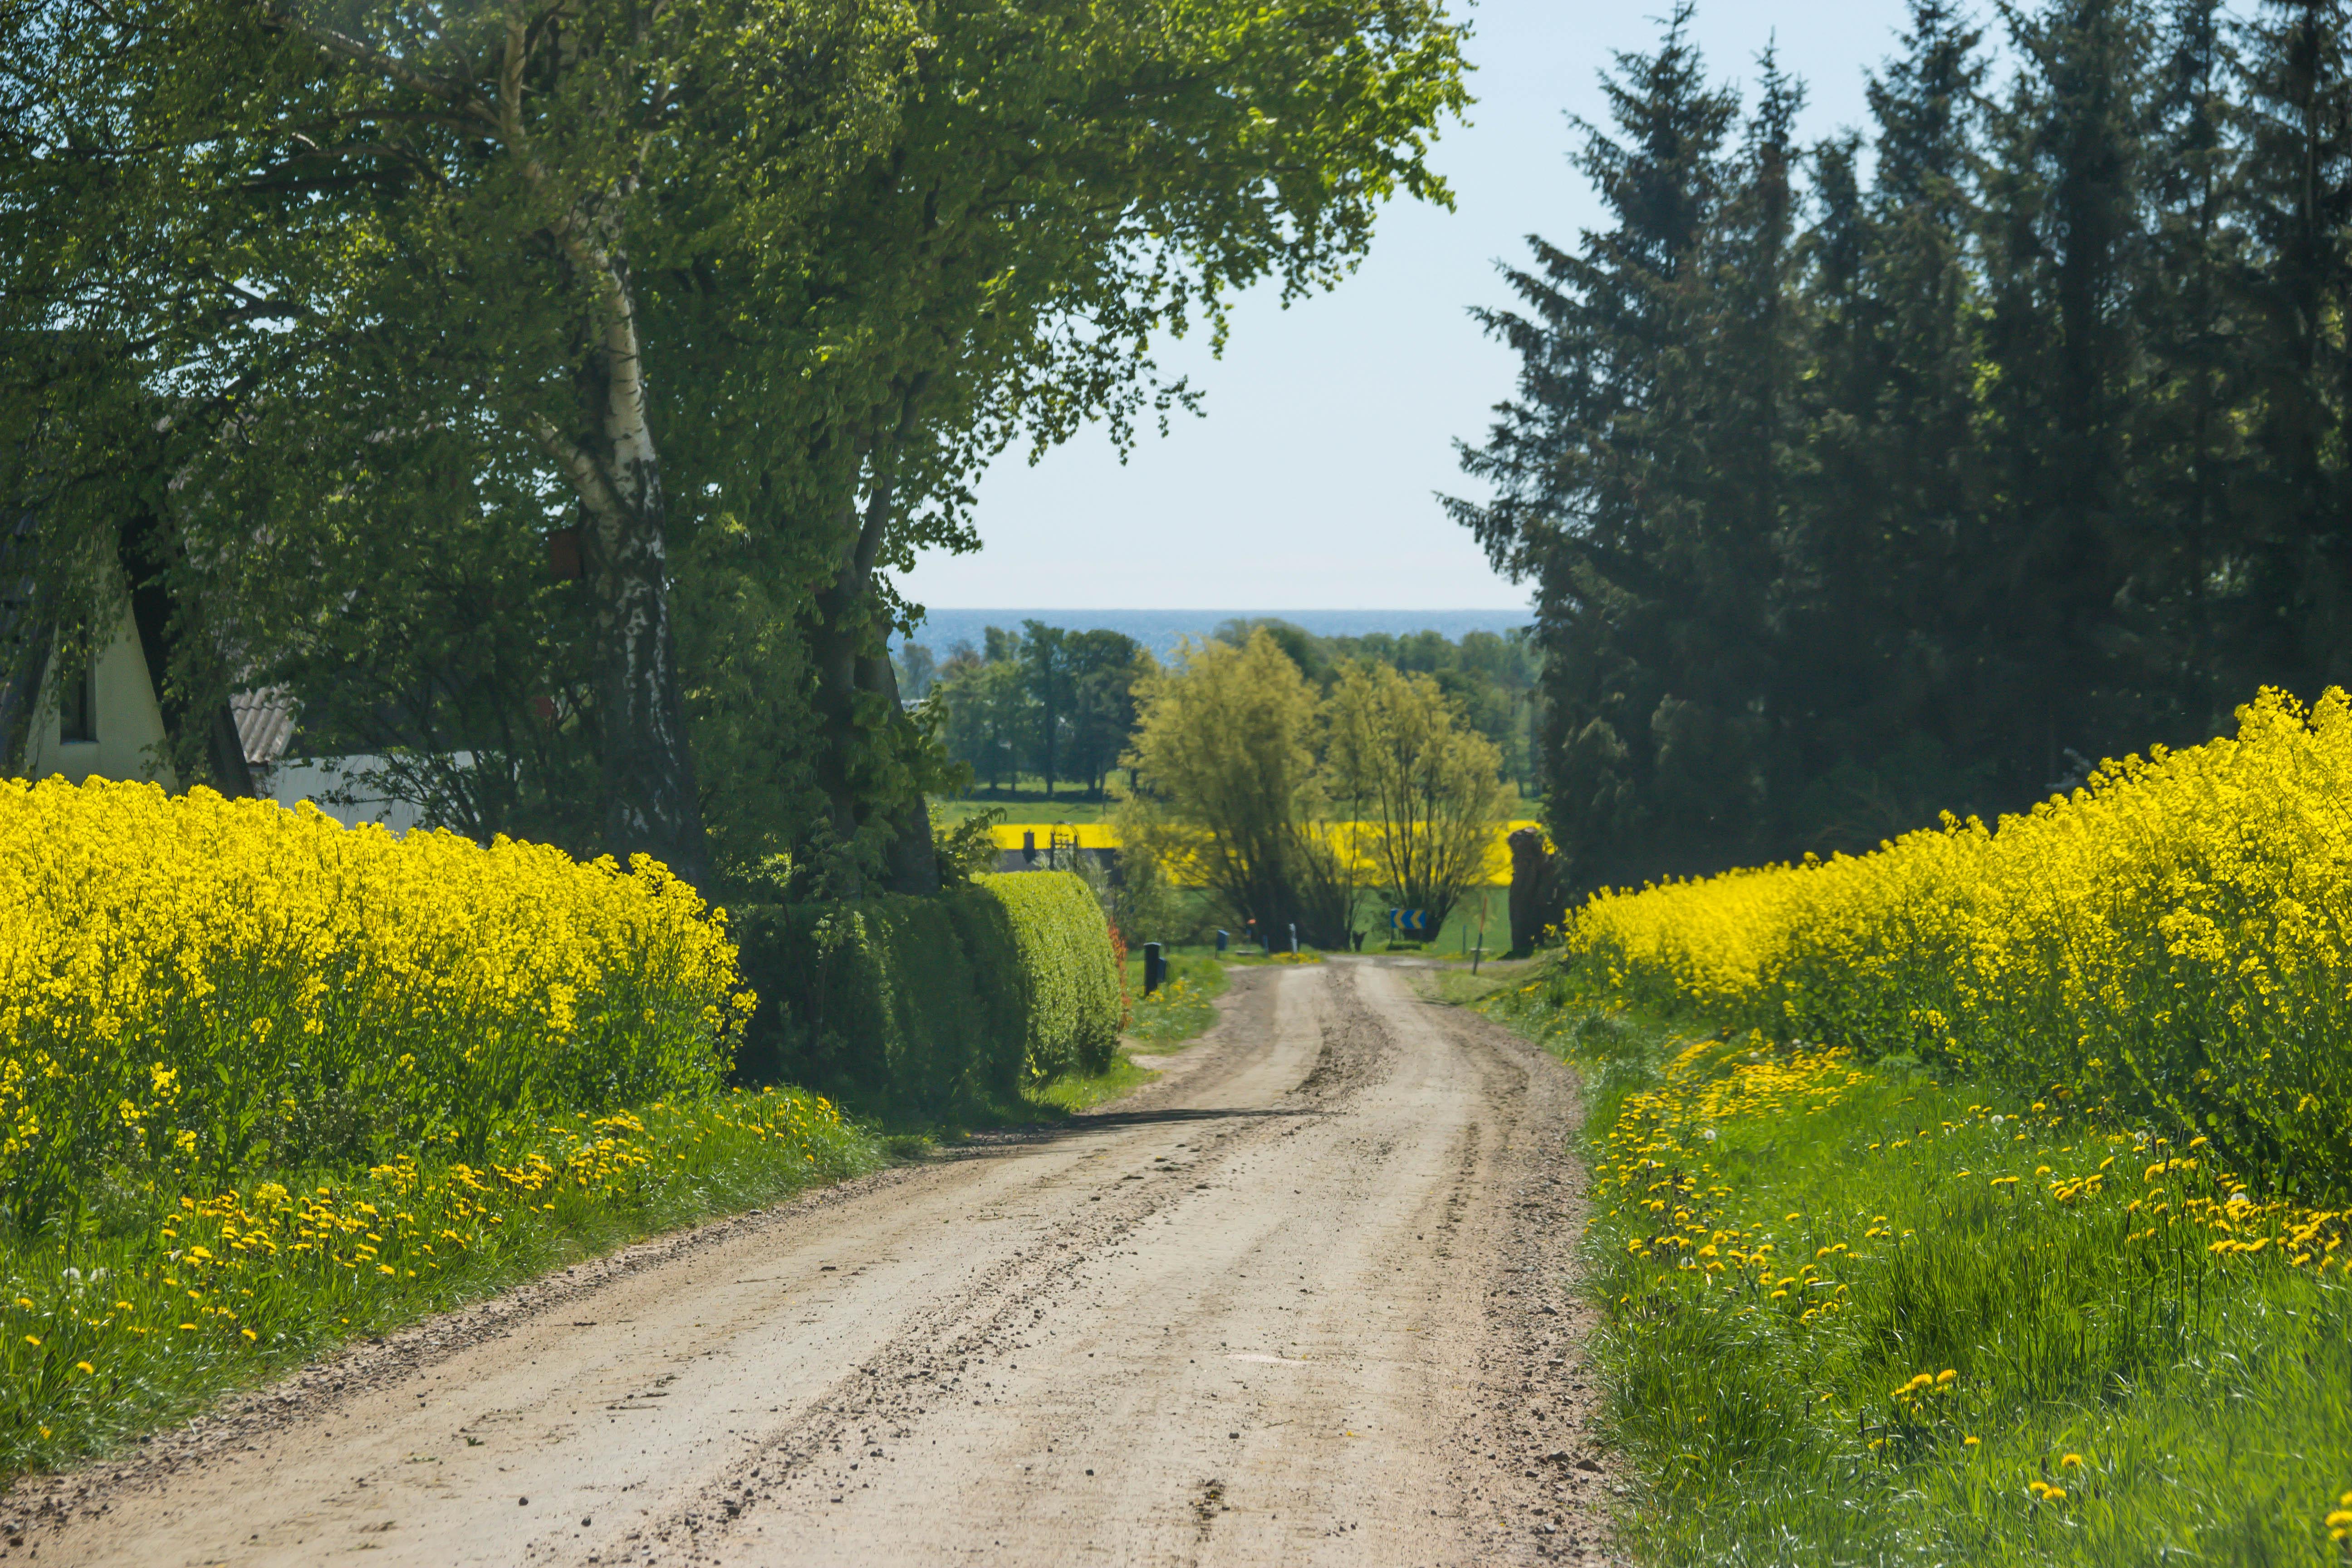 fond d 39 cran paysage colline la nature herbe champ route vert jaune colza arbre l. Black Bedroom Furniture Sets. Home Design Ideas